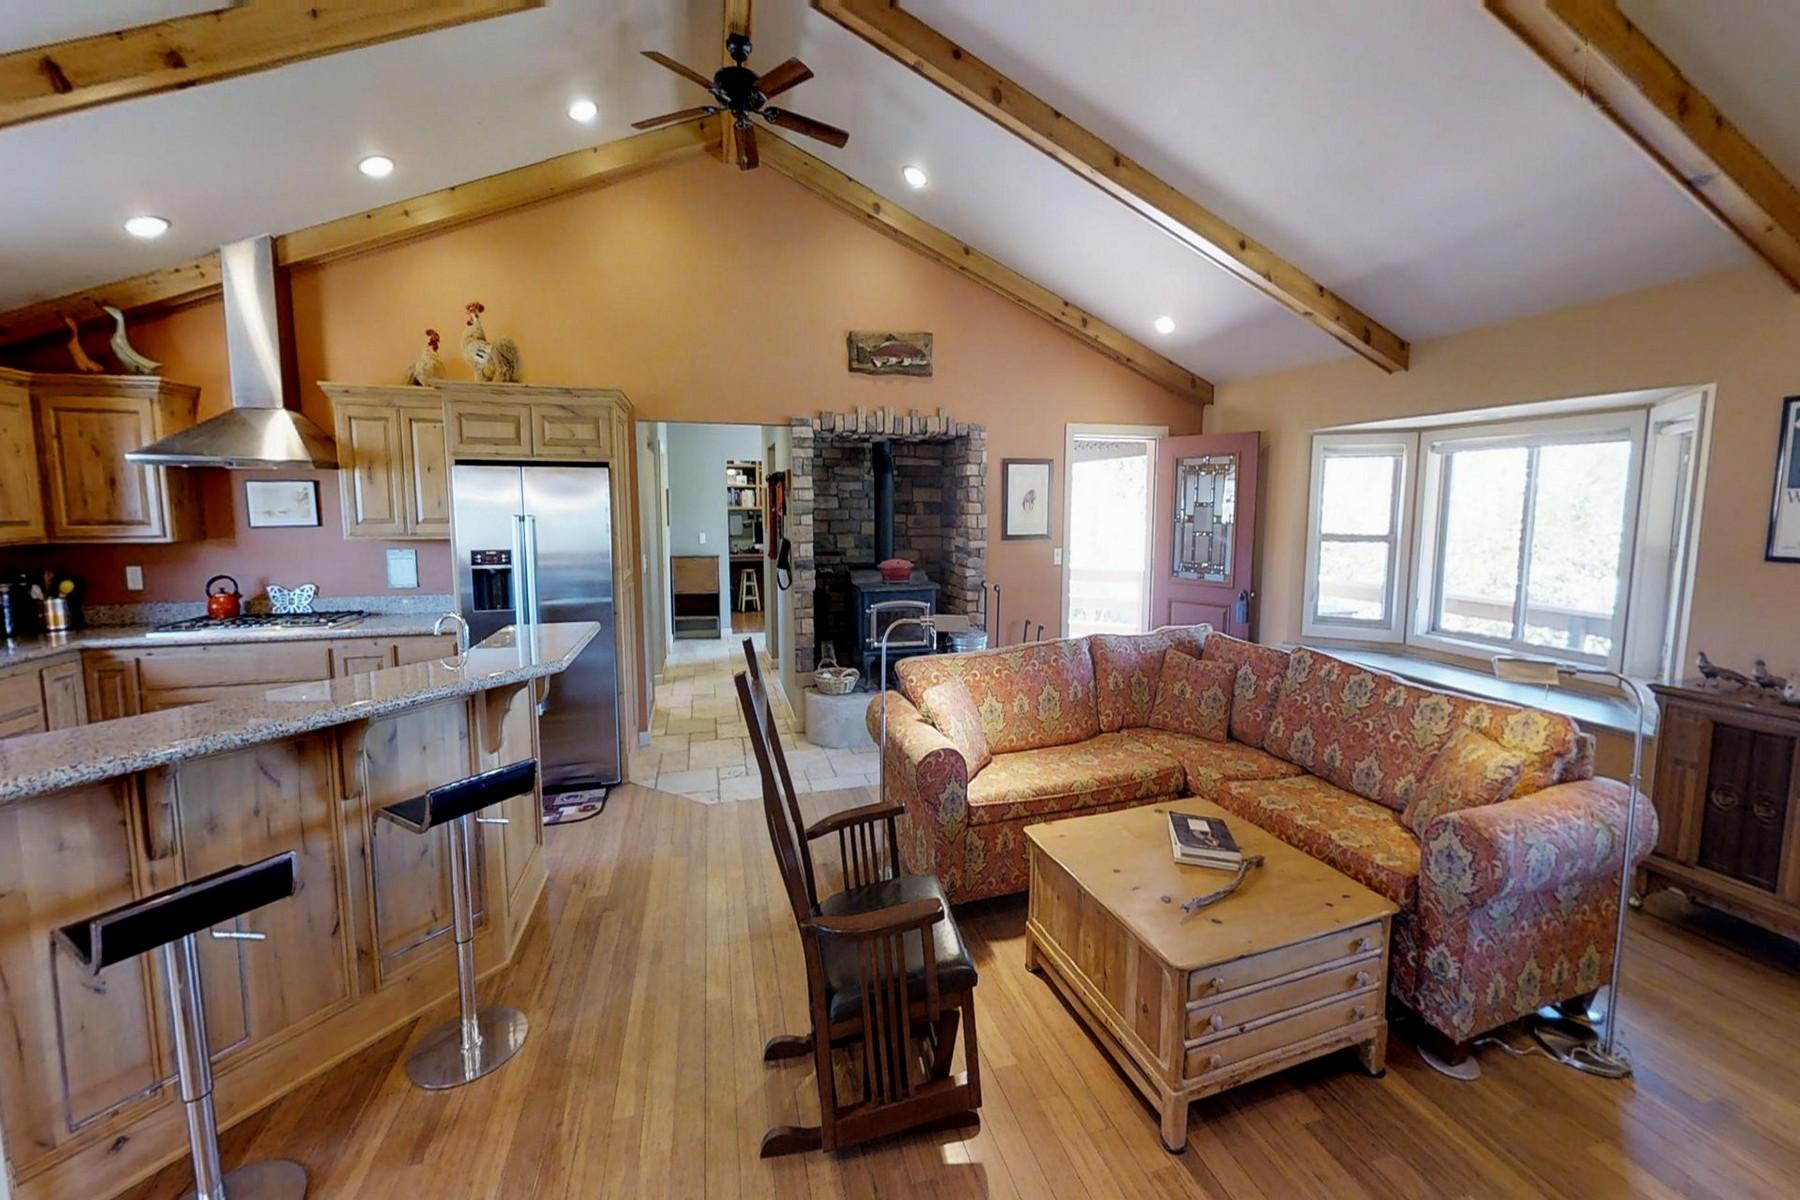 Casa Unifamiliar por un Venta en 47070 Old Pioneer Town Road, Baldwin Lake, Calif. 92314 47070 Old Pioneer town Road Big Bear City, California 92314 Estados Unidos